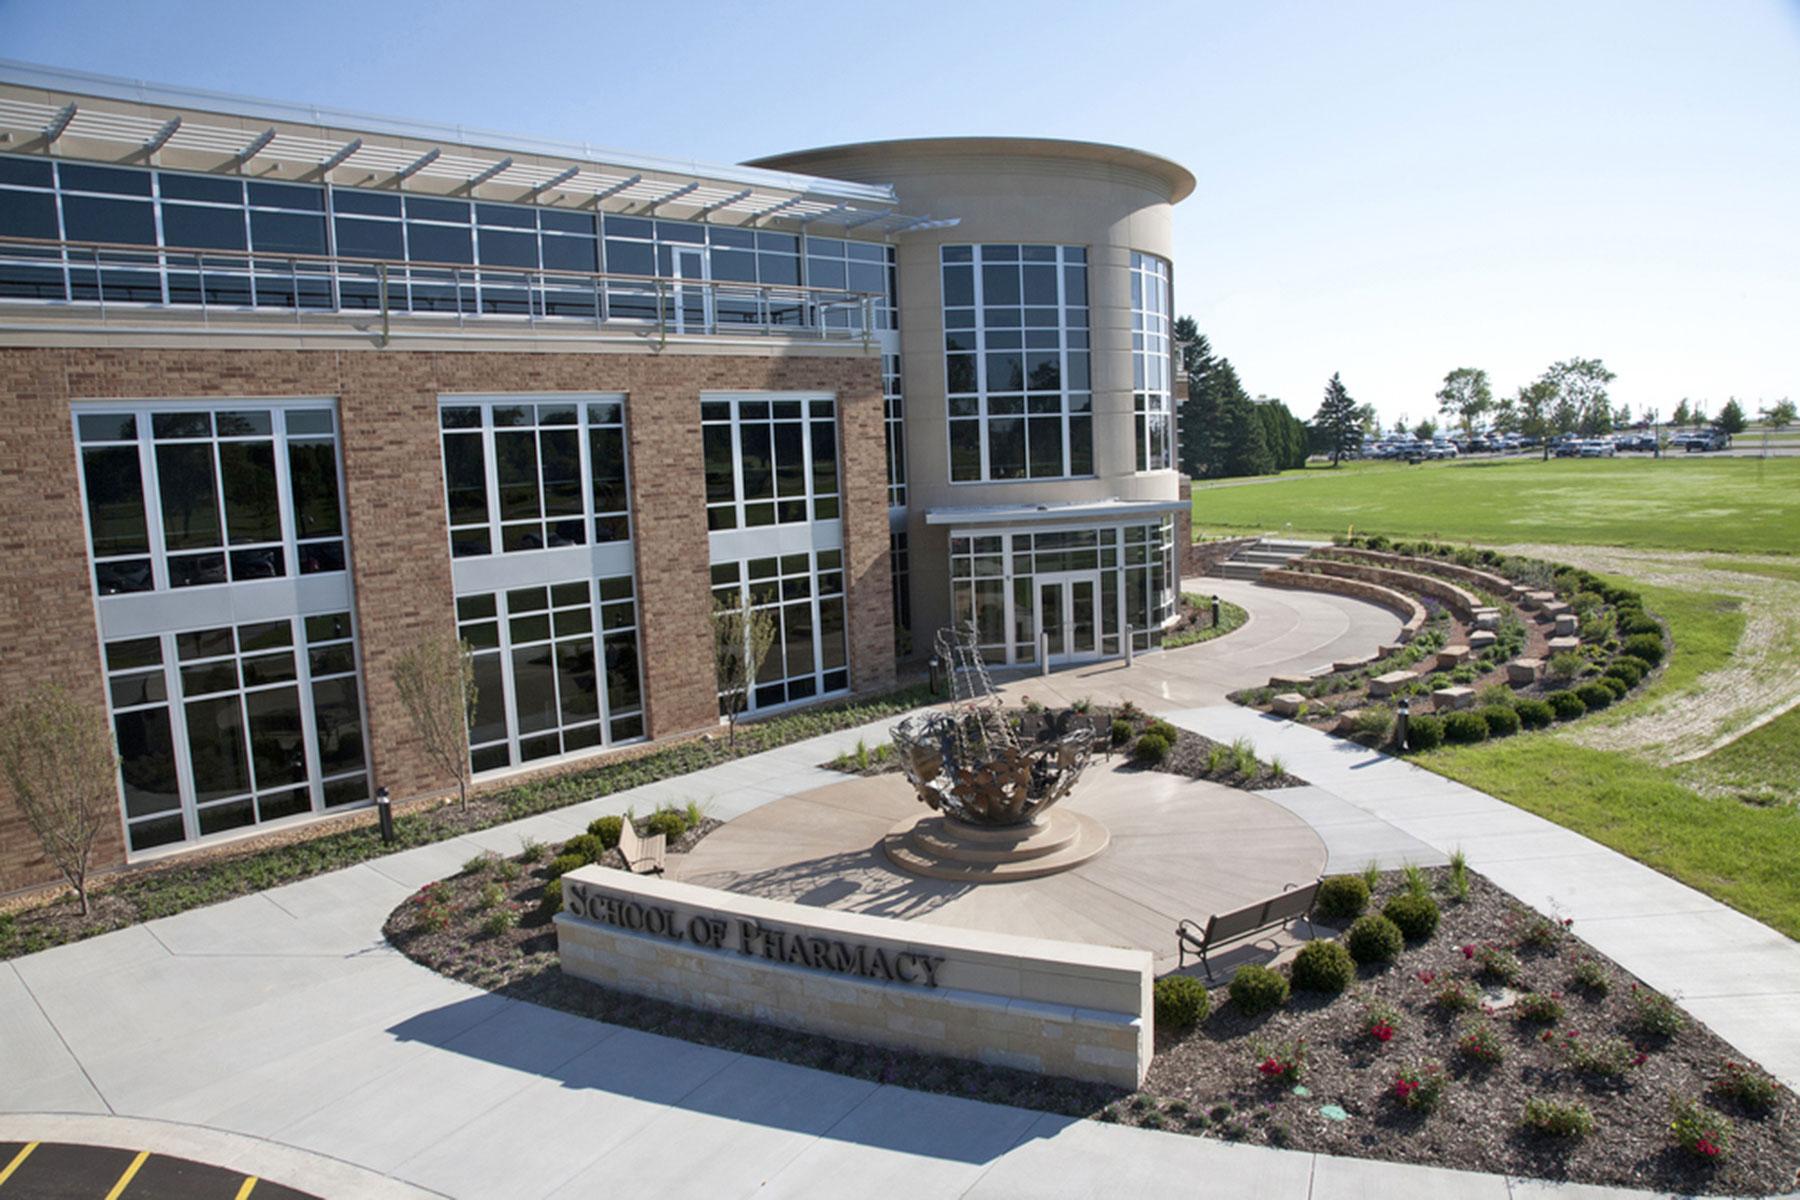 NEWaukee expands development program